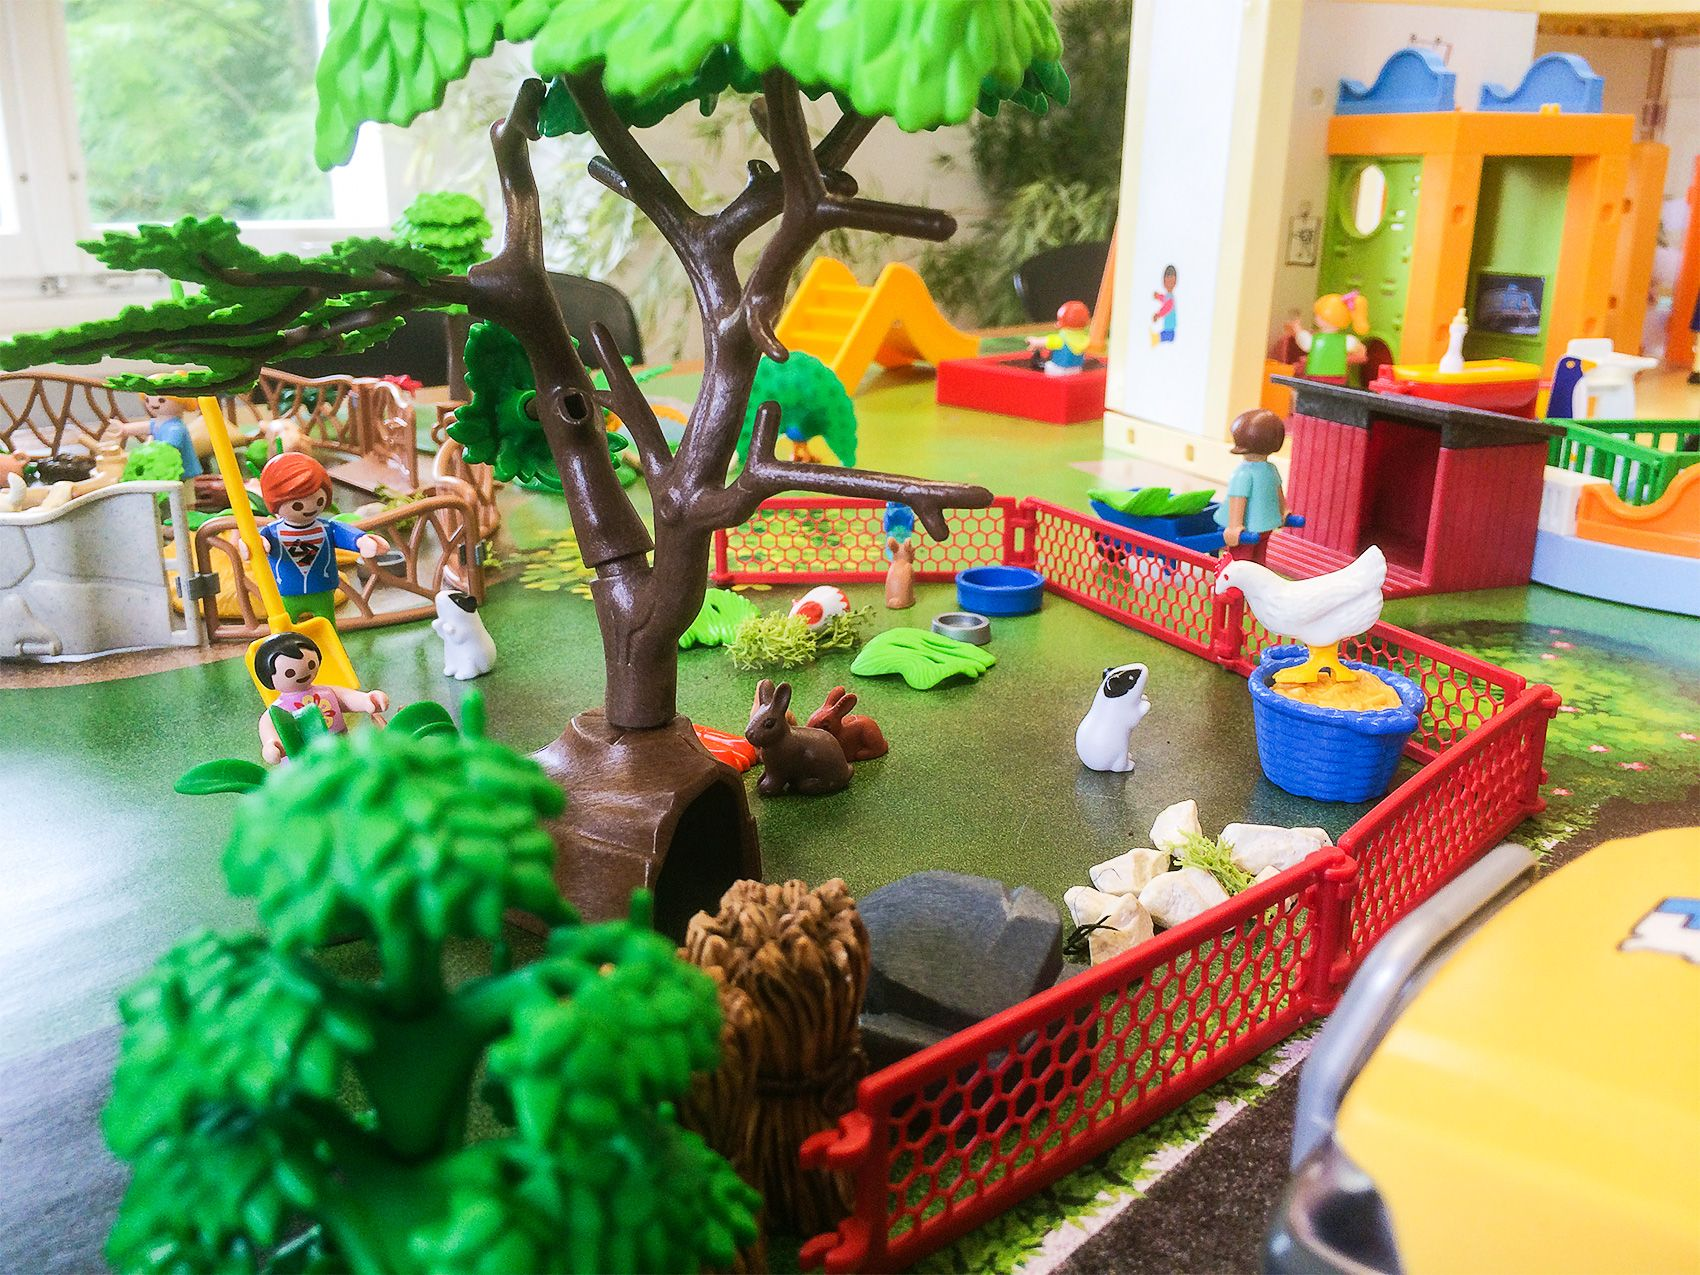 viel los in der playmobilwelt grenzenlose fantasie mit